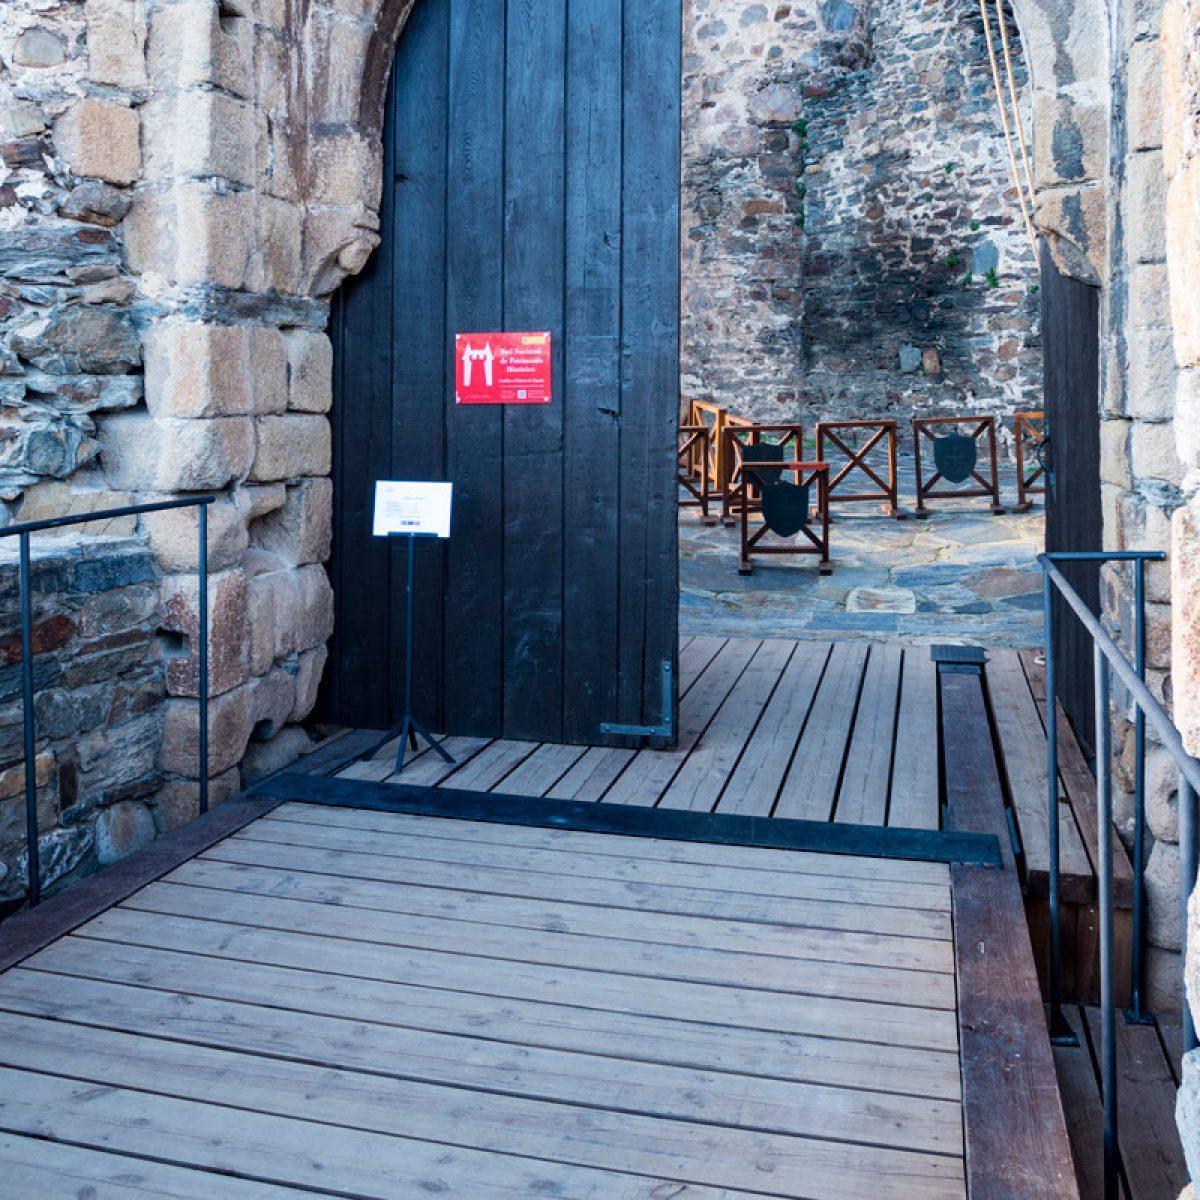 Puente levadizo Castillo de los Templarios